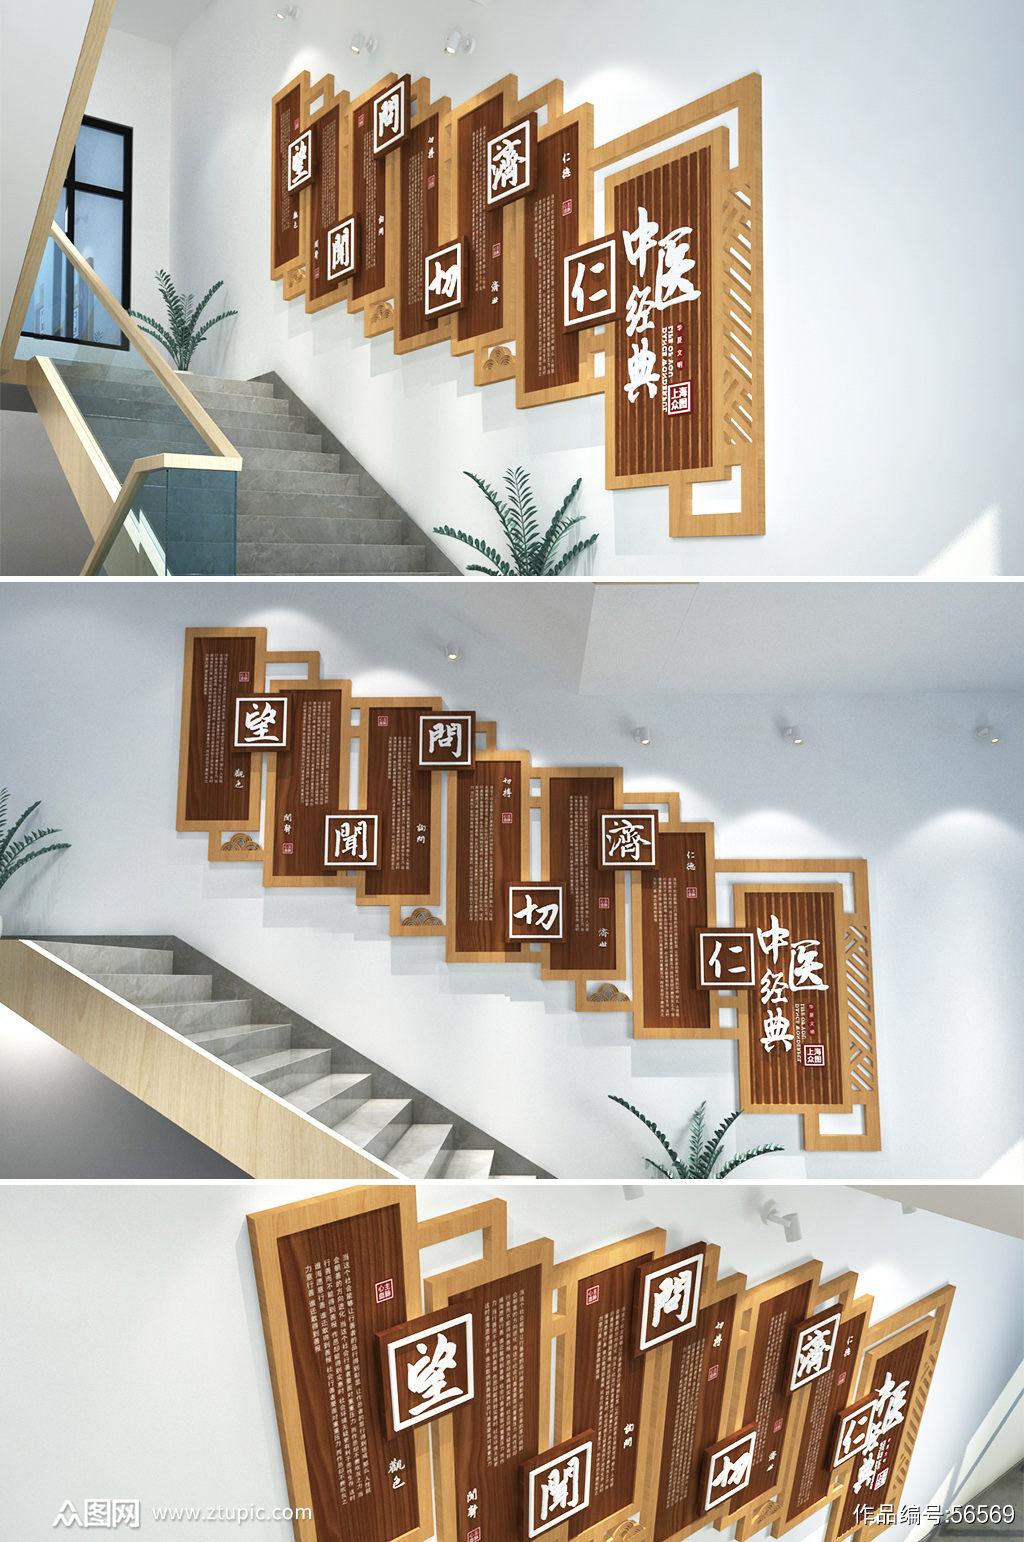 经典中医医院诊所 楼梯文化墙创意设计效果图素材